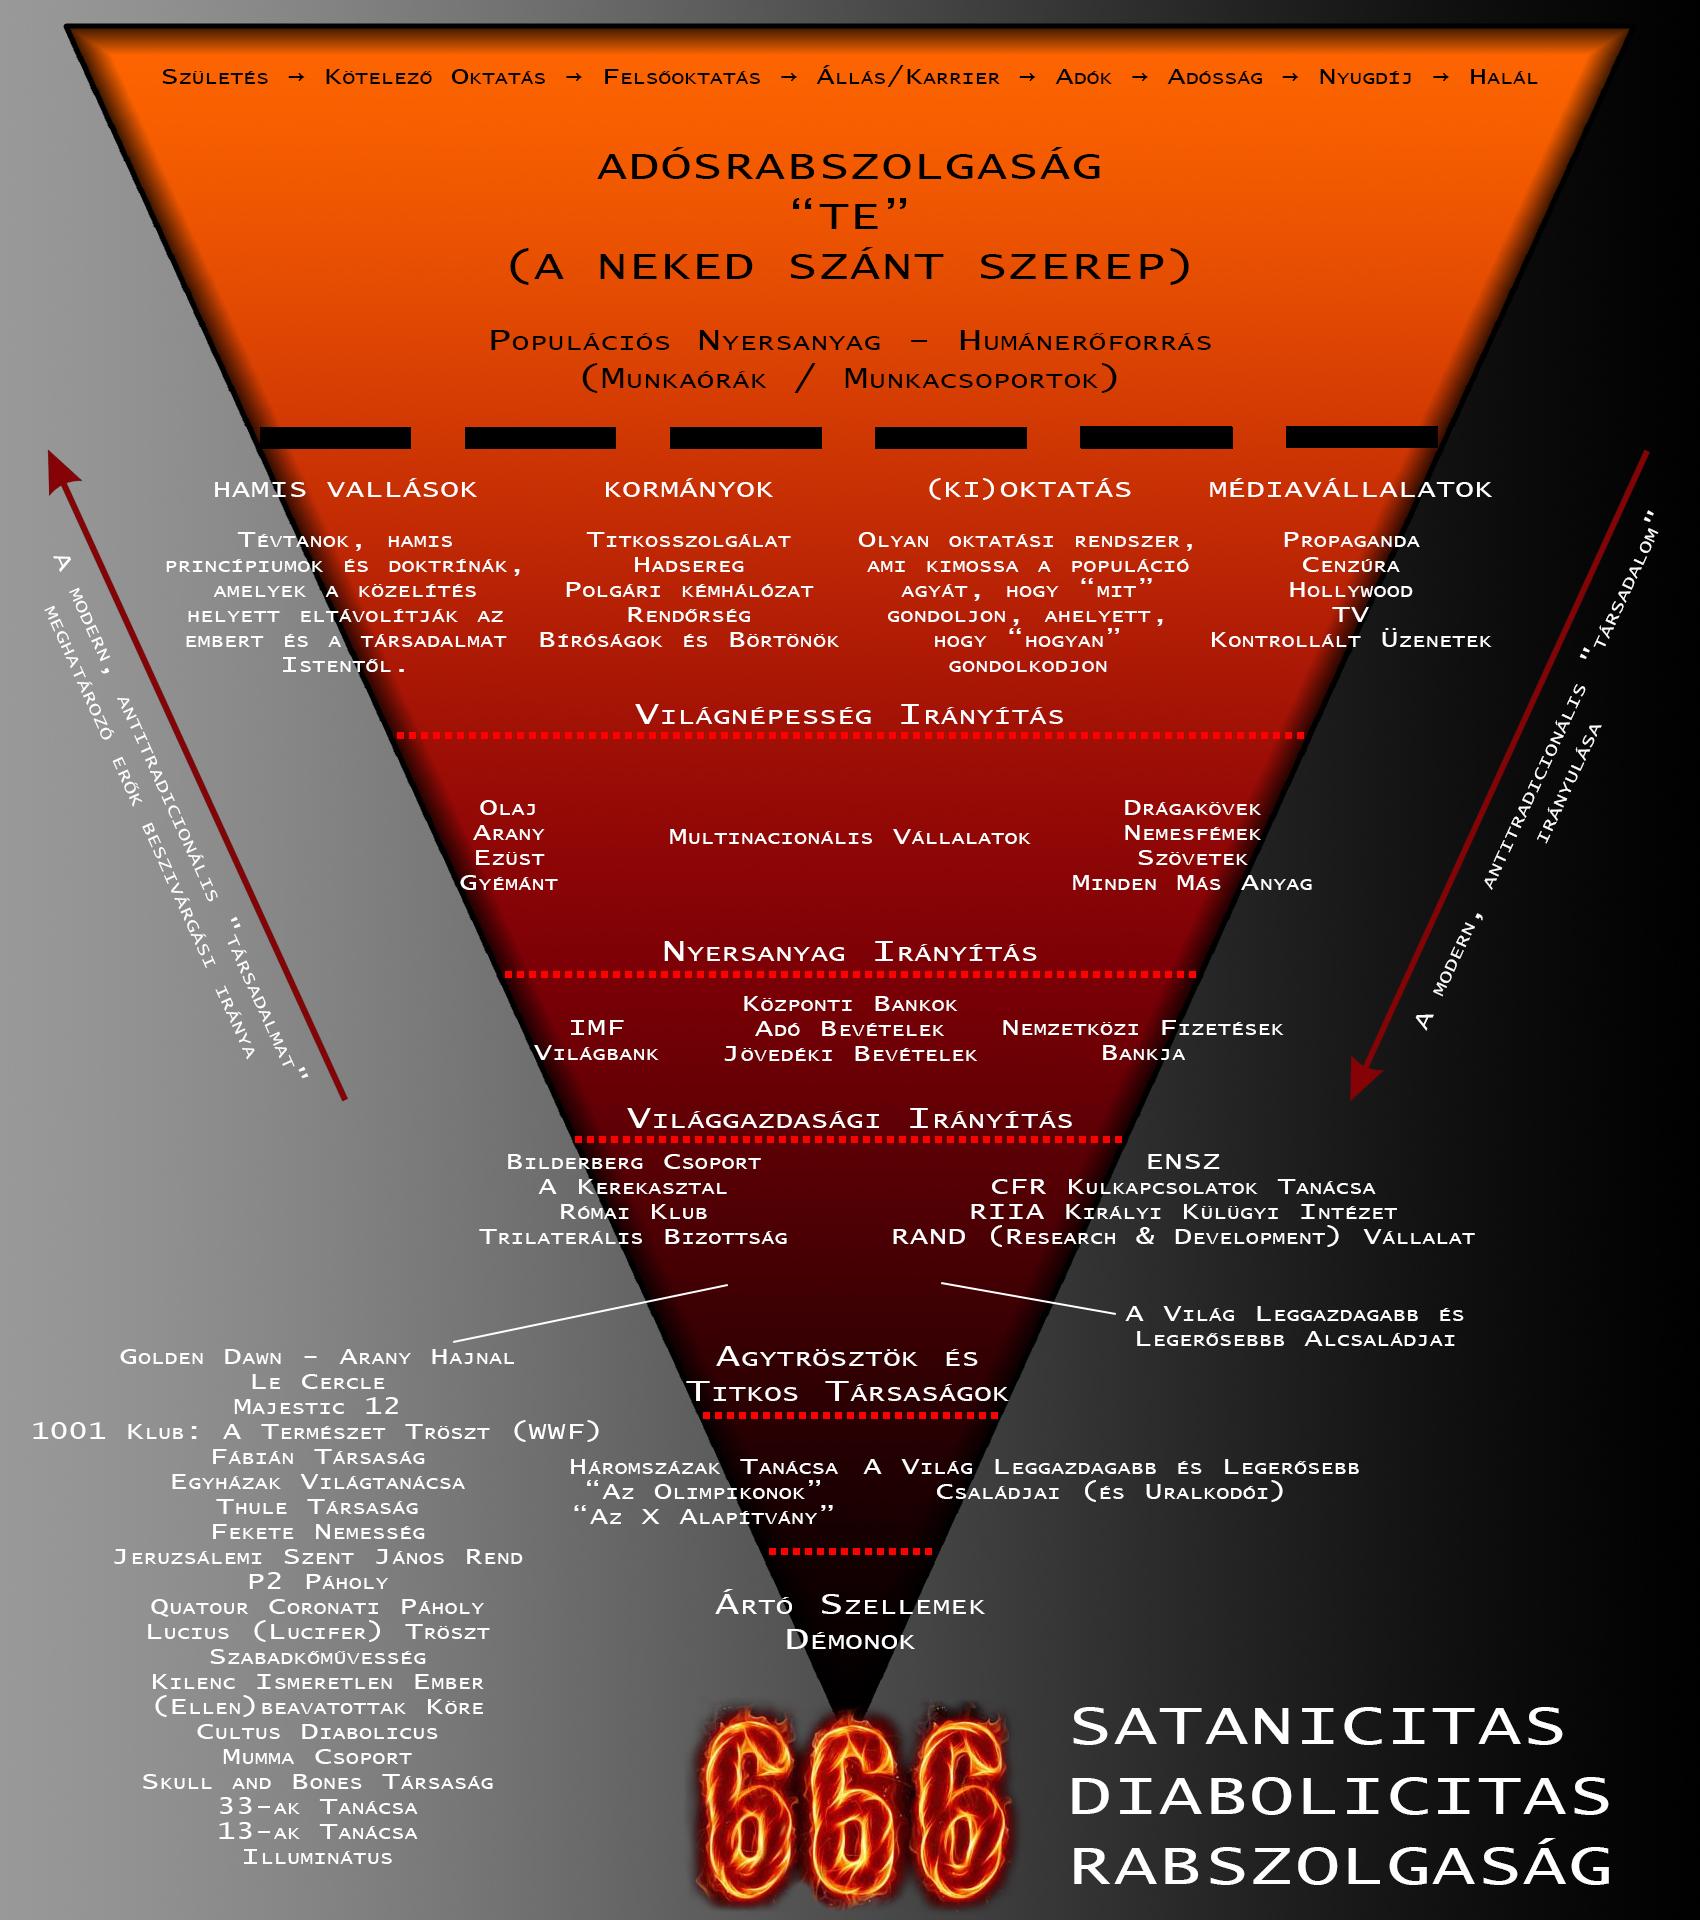 materialismus_1413333716.jpg_1700x1920